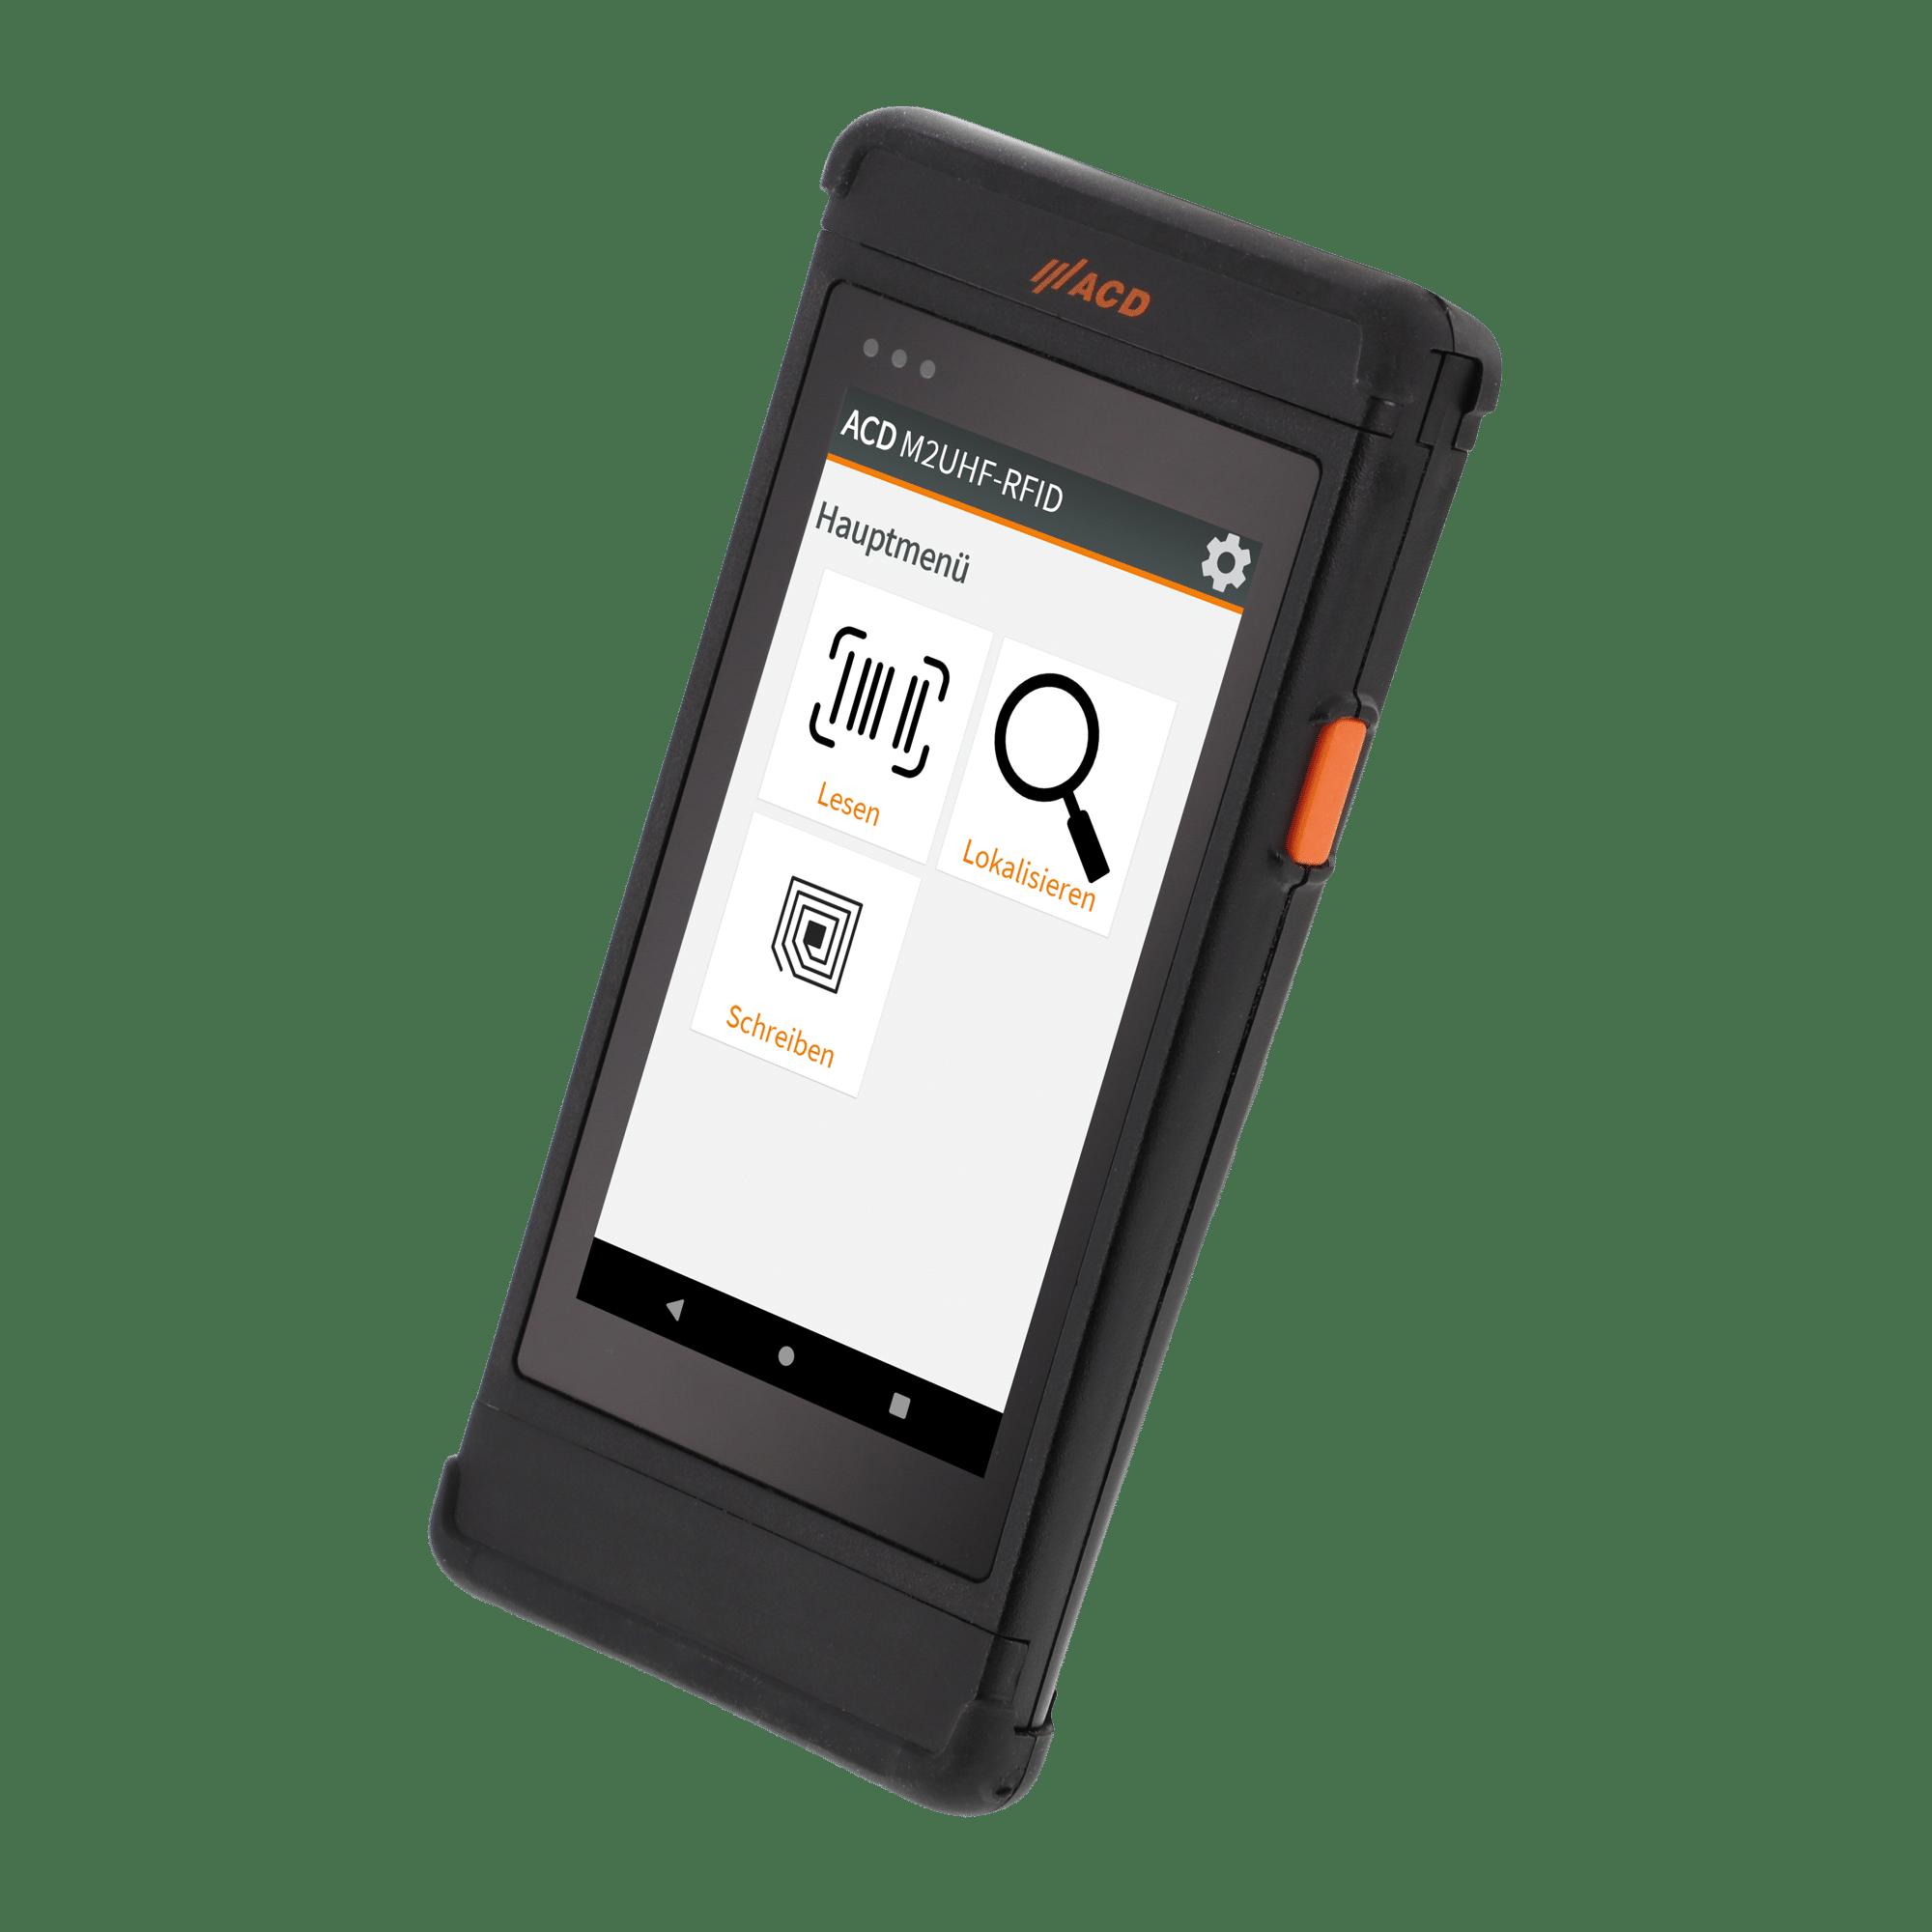 Mobiler Handheld Computer M2SmartSE mit integriertem HF-RFID freigestellt